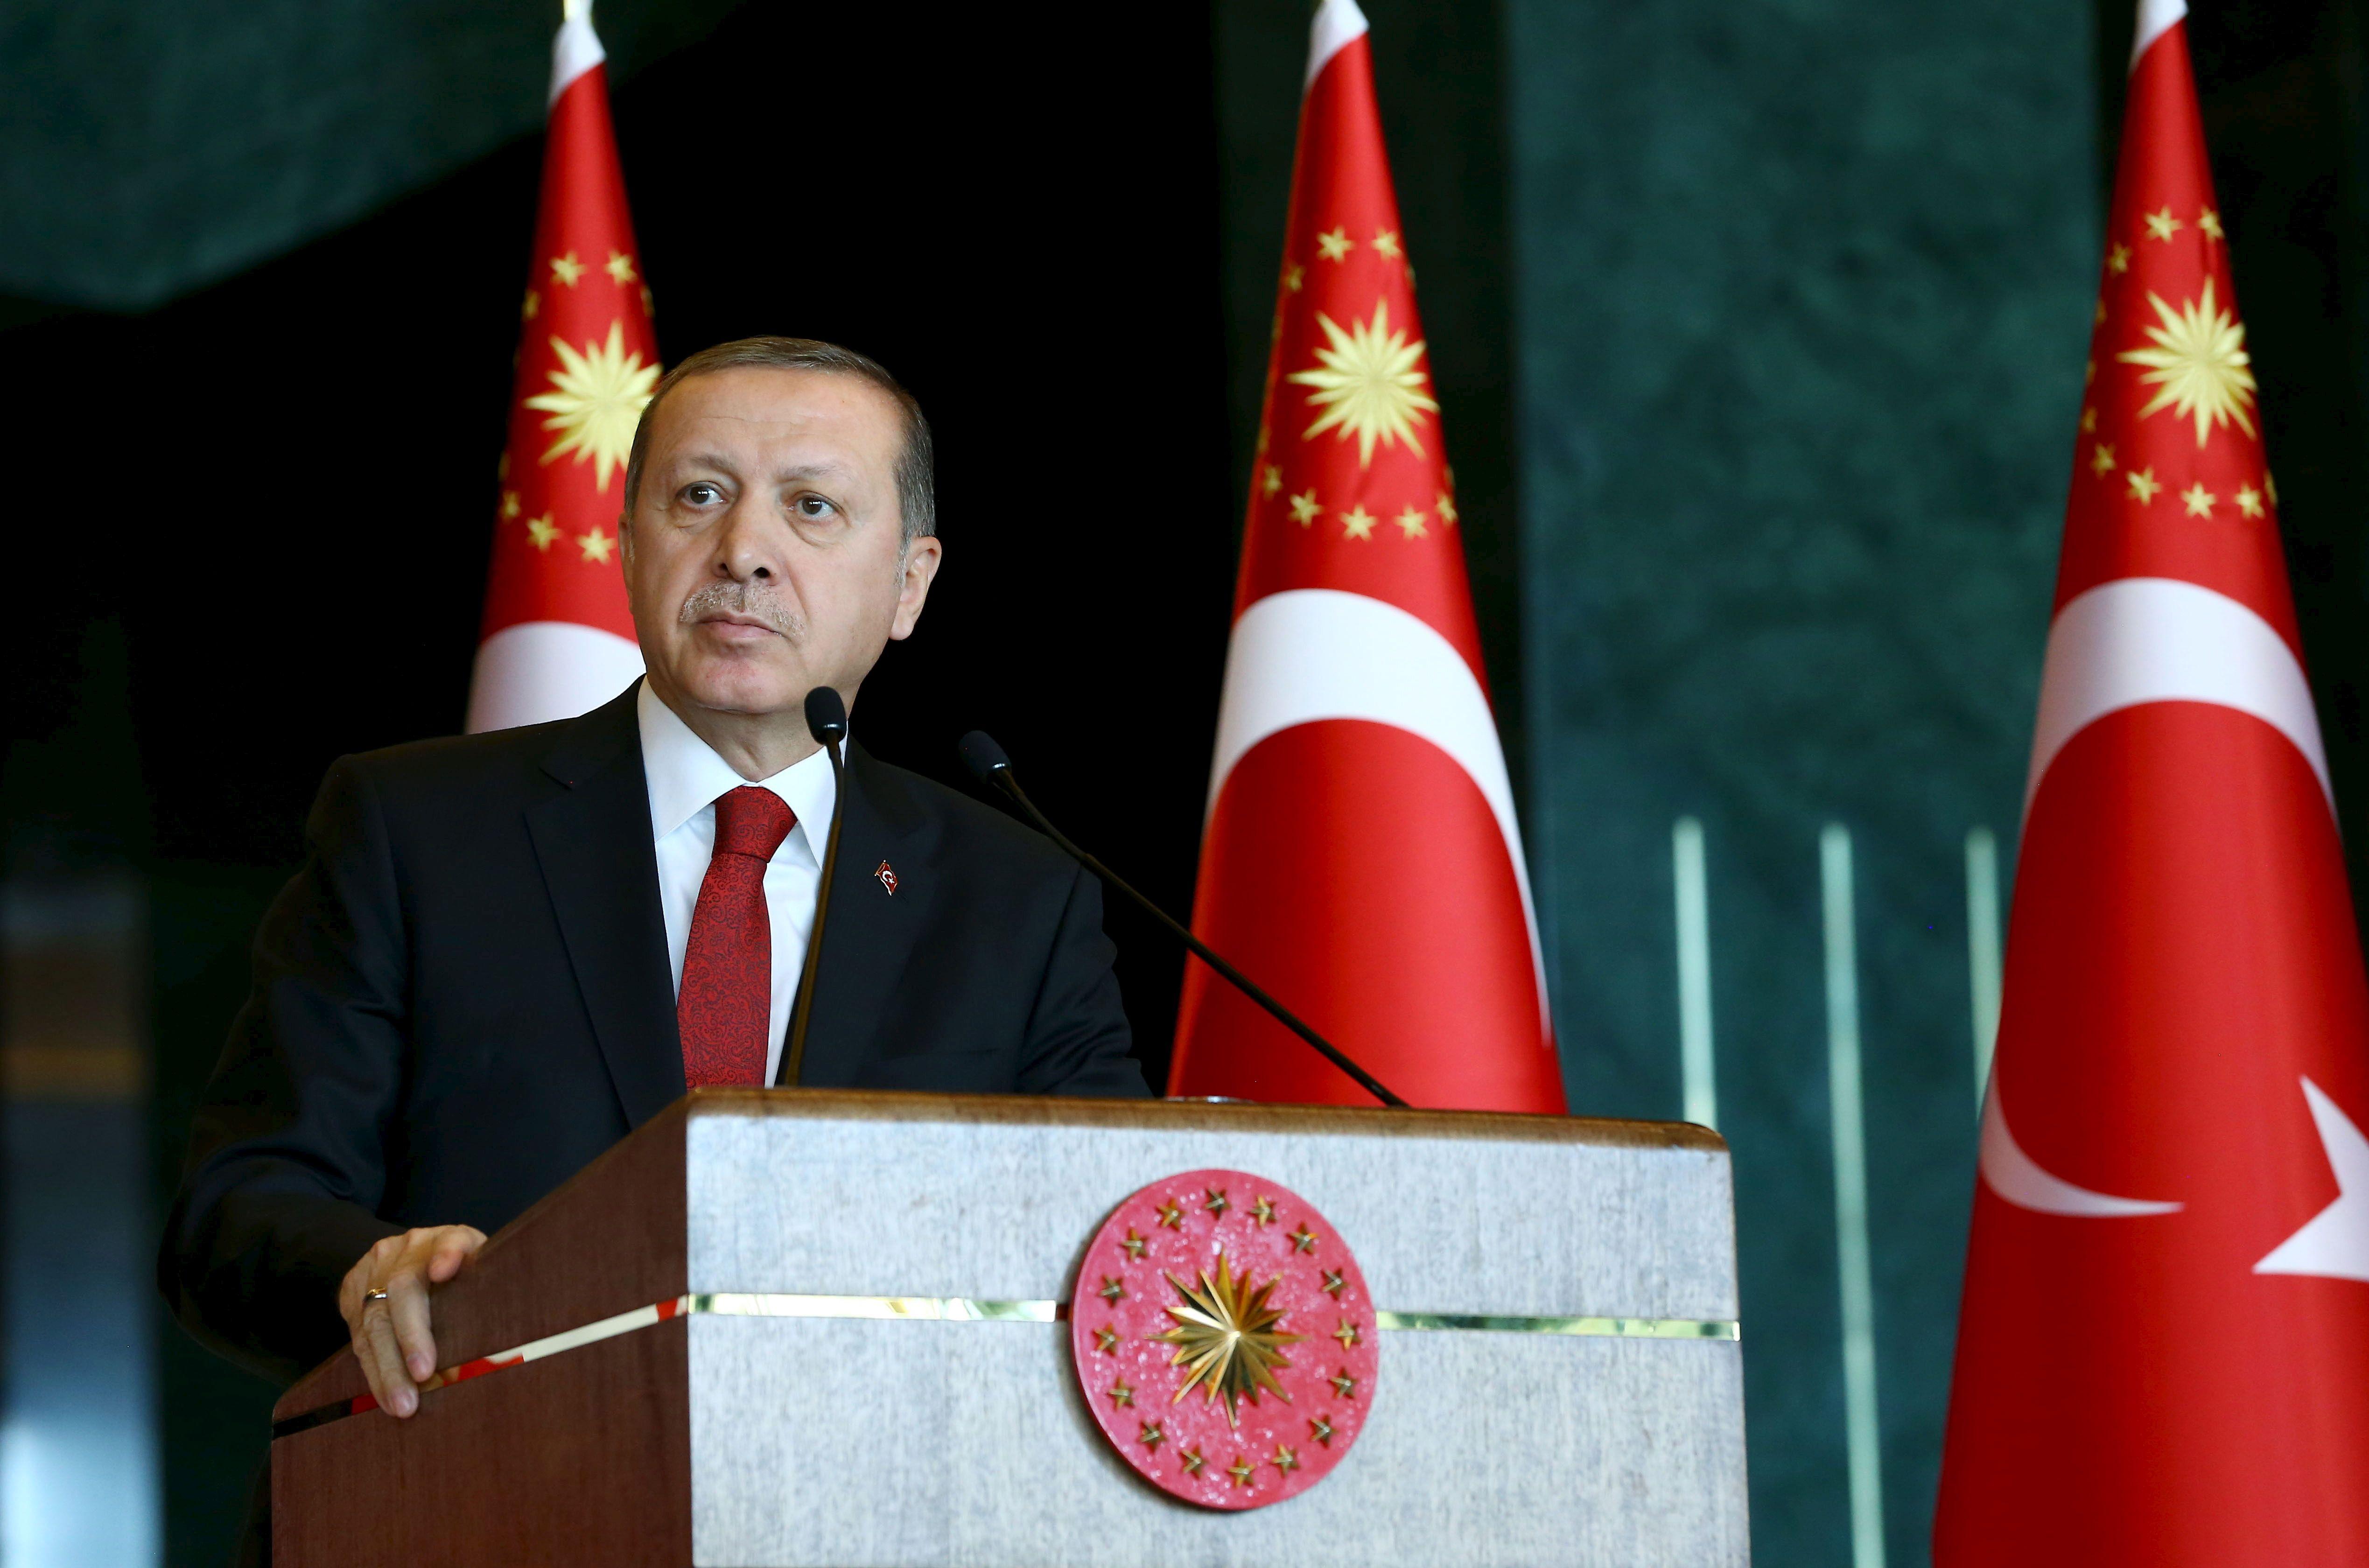 L'Union a-t-elle aidé à l'élection d'Erdogan en 2015 ?